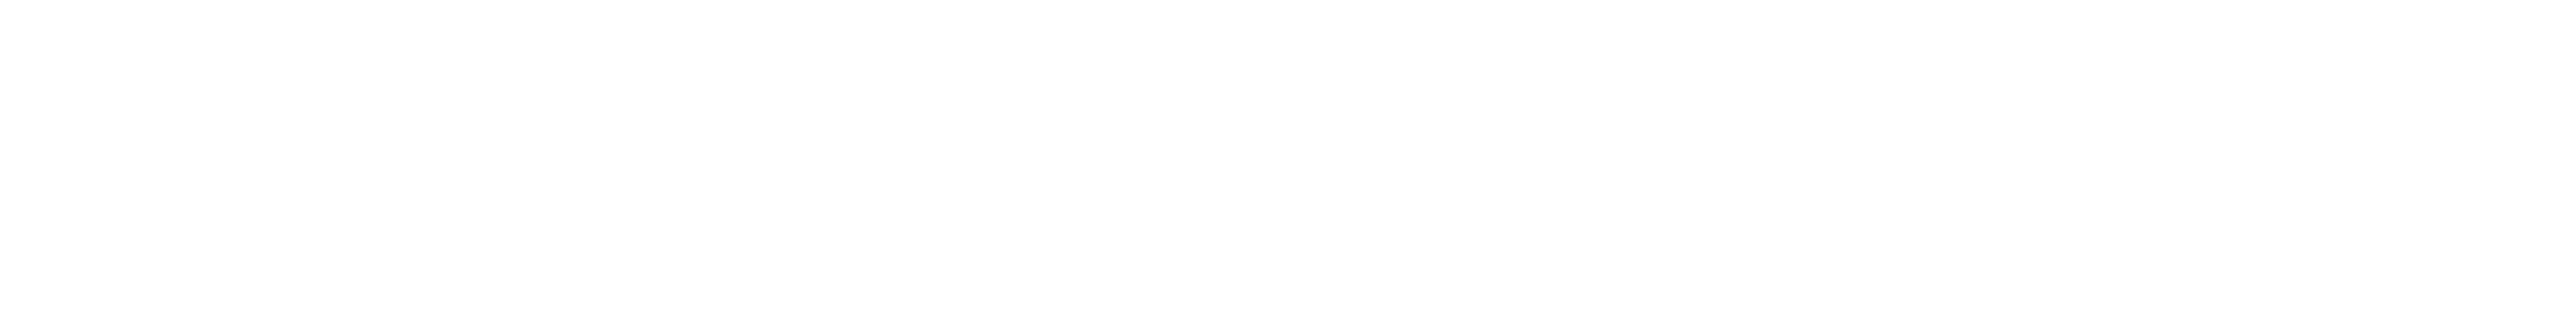 Logo MEDICINASA 2020 WHITE OK